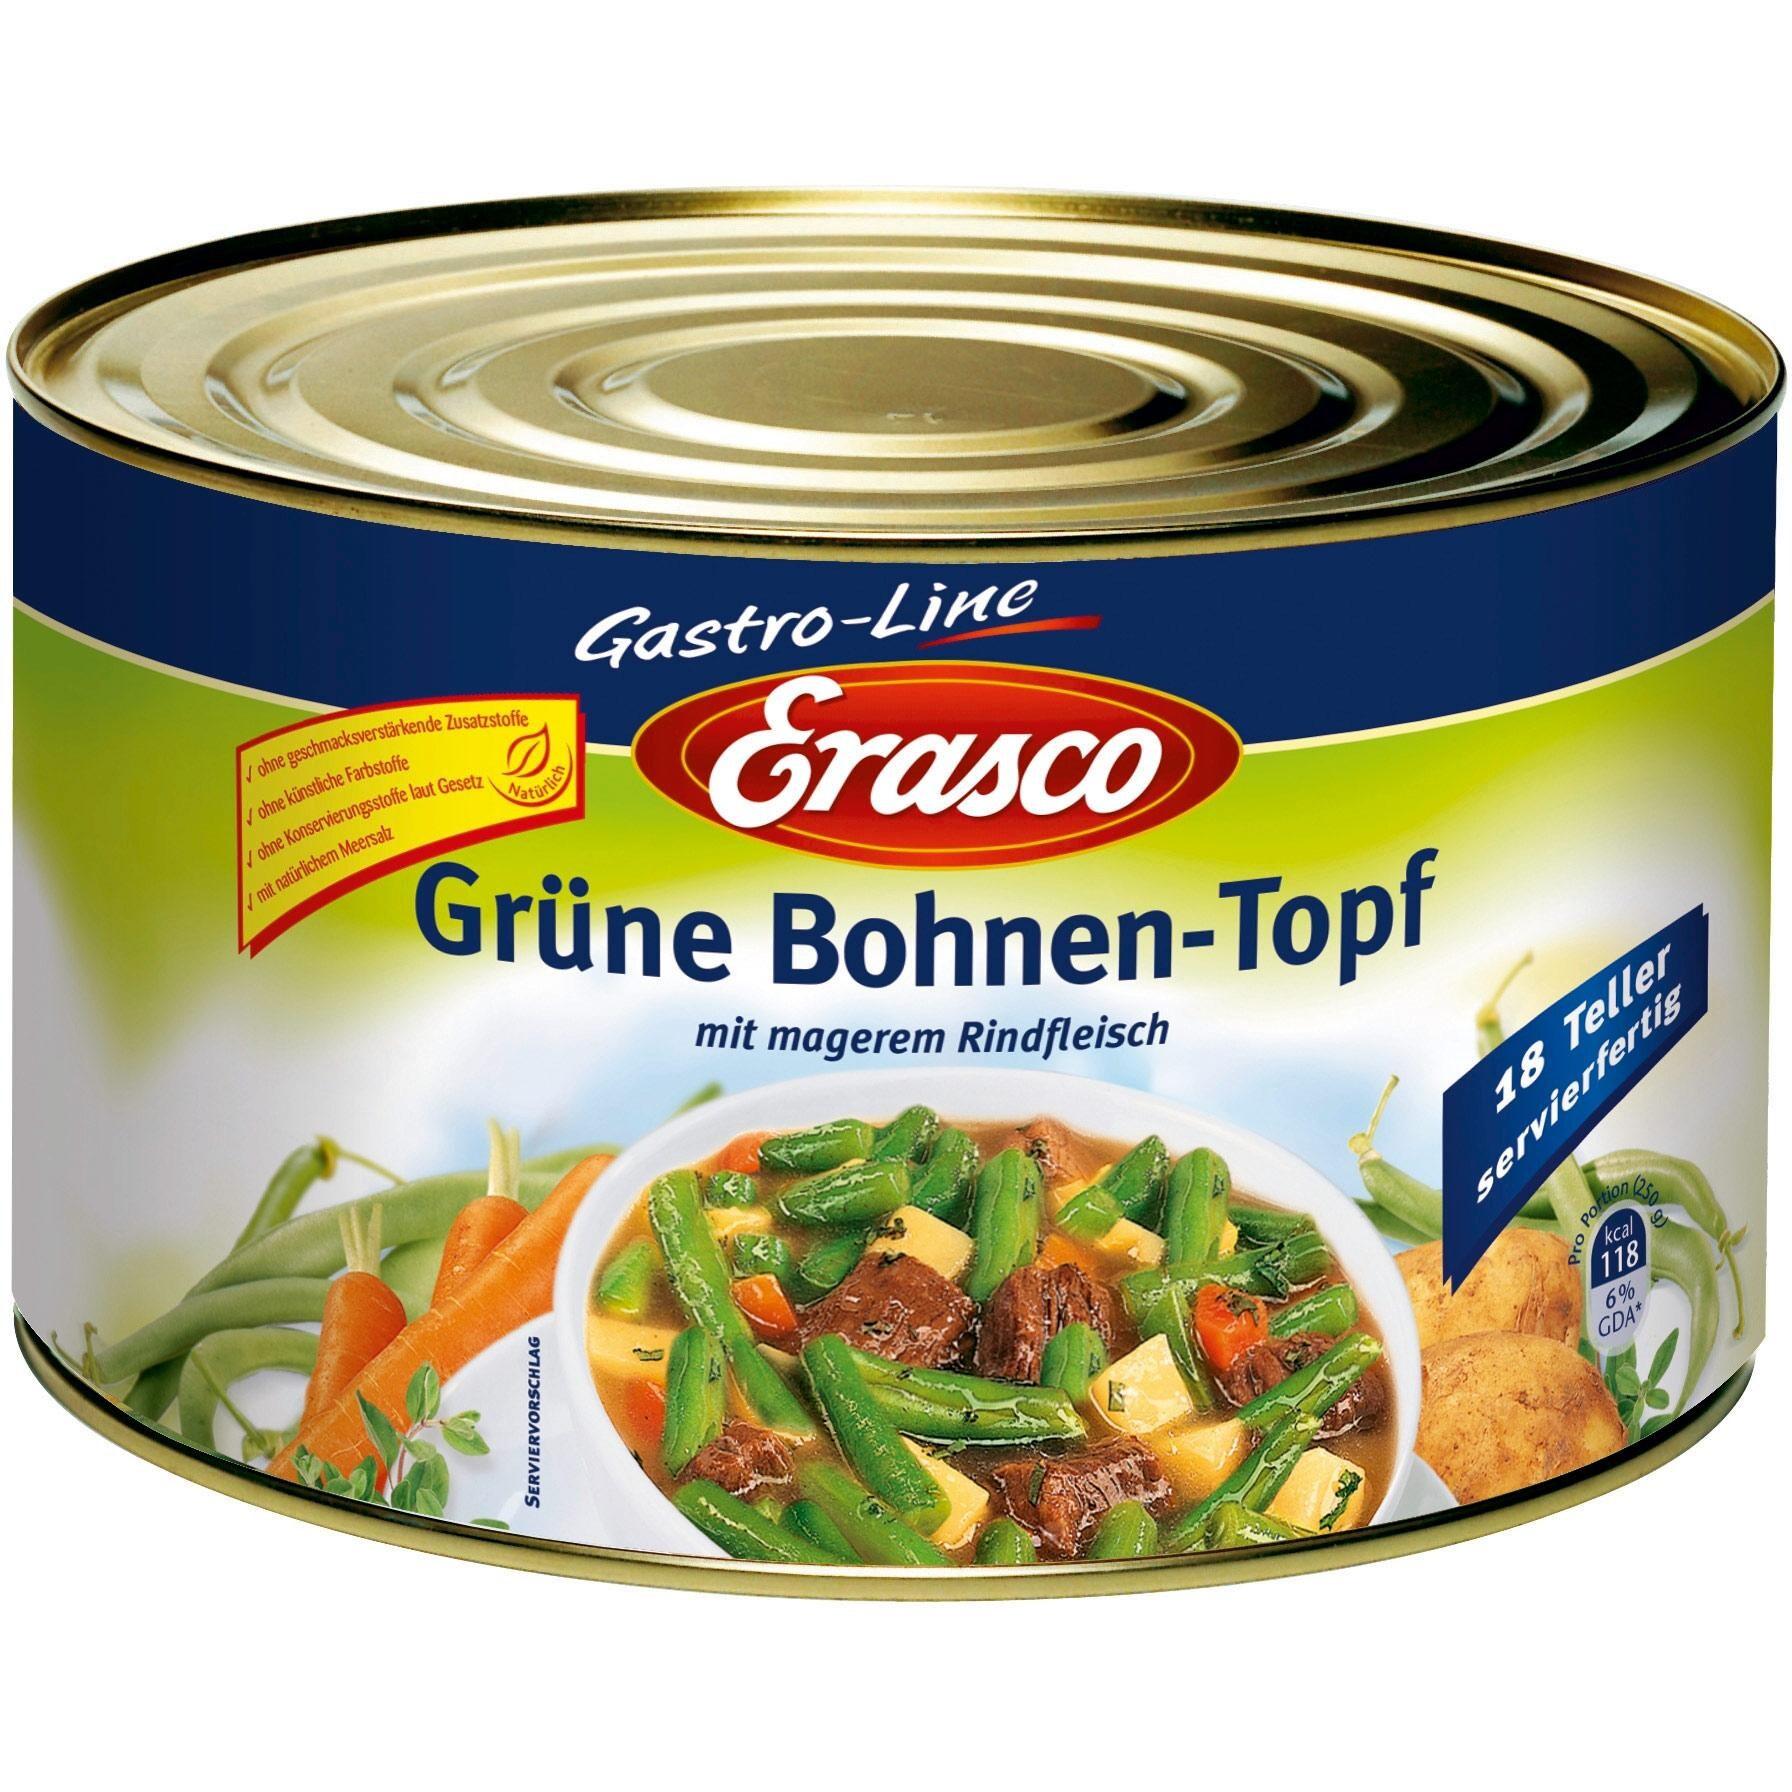 Erasco - Grüne Bohnen-Topf - 4,5kg